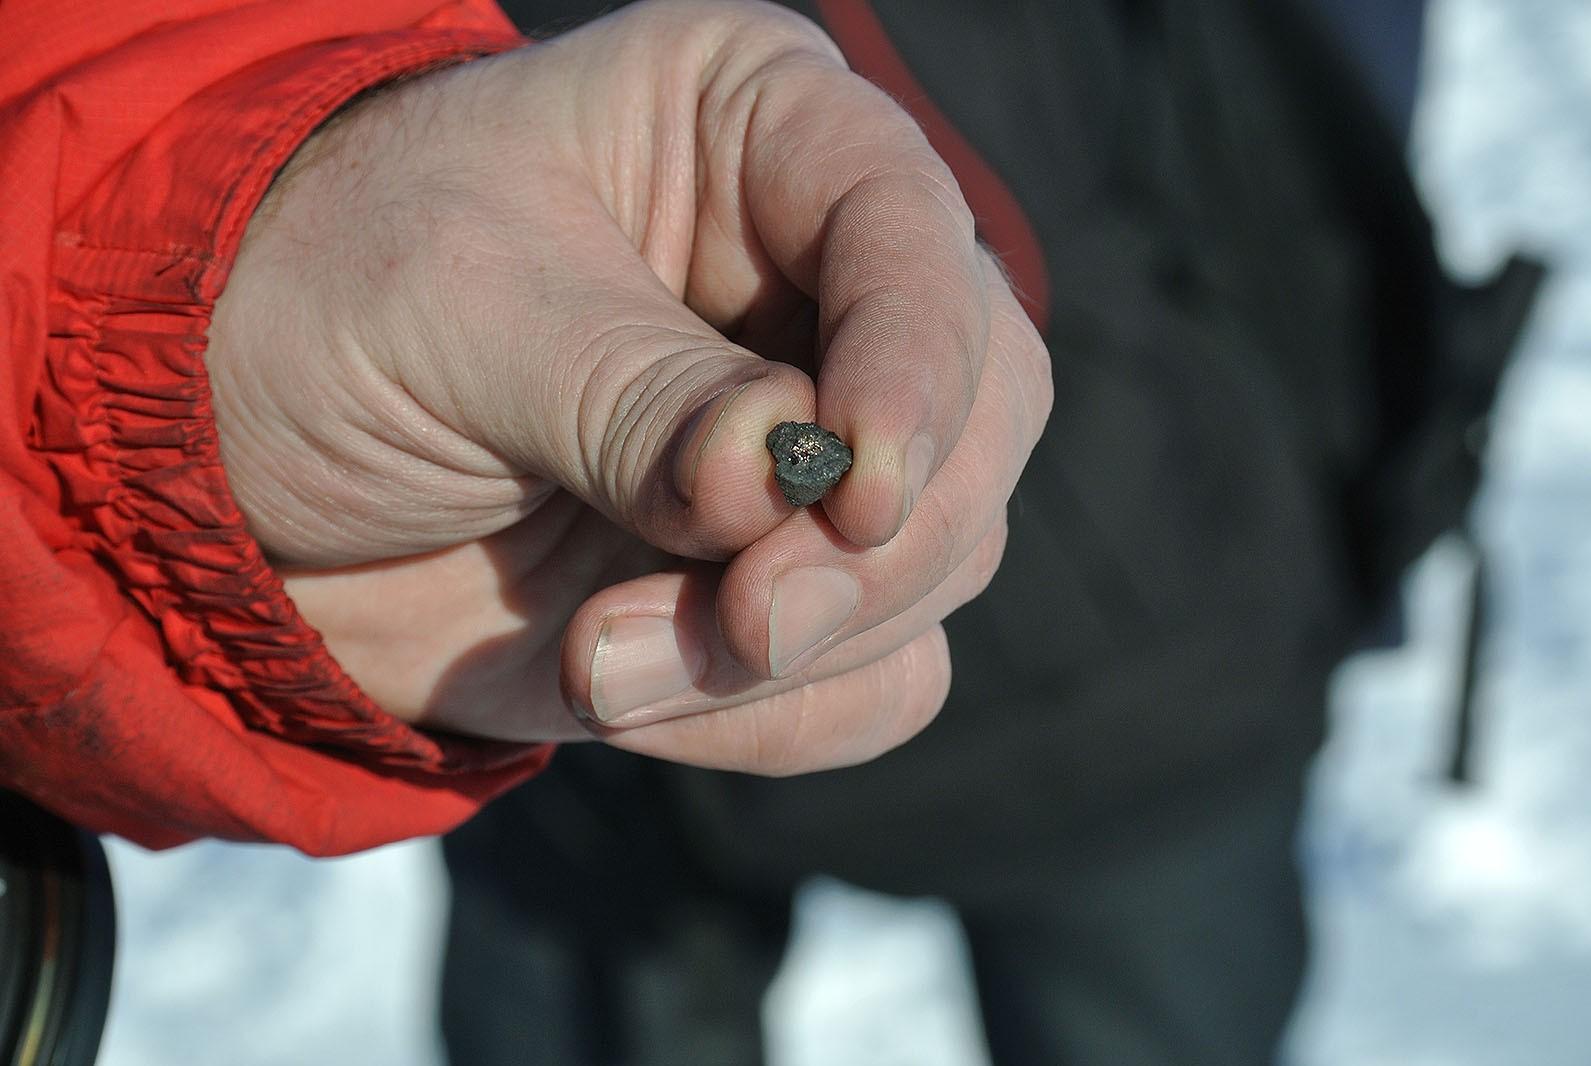 Челябинский метеорит принес на Землю более 10 тысяч тонн грязи